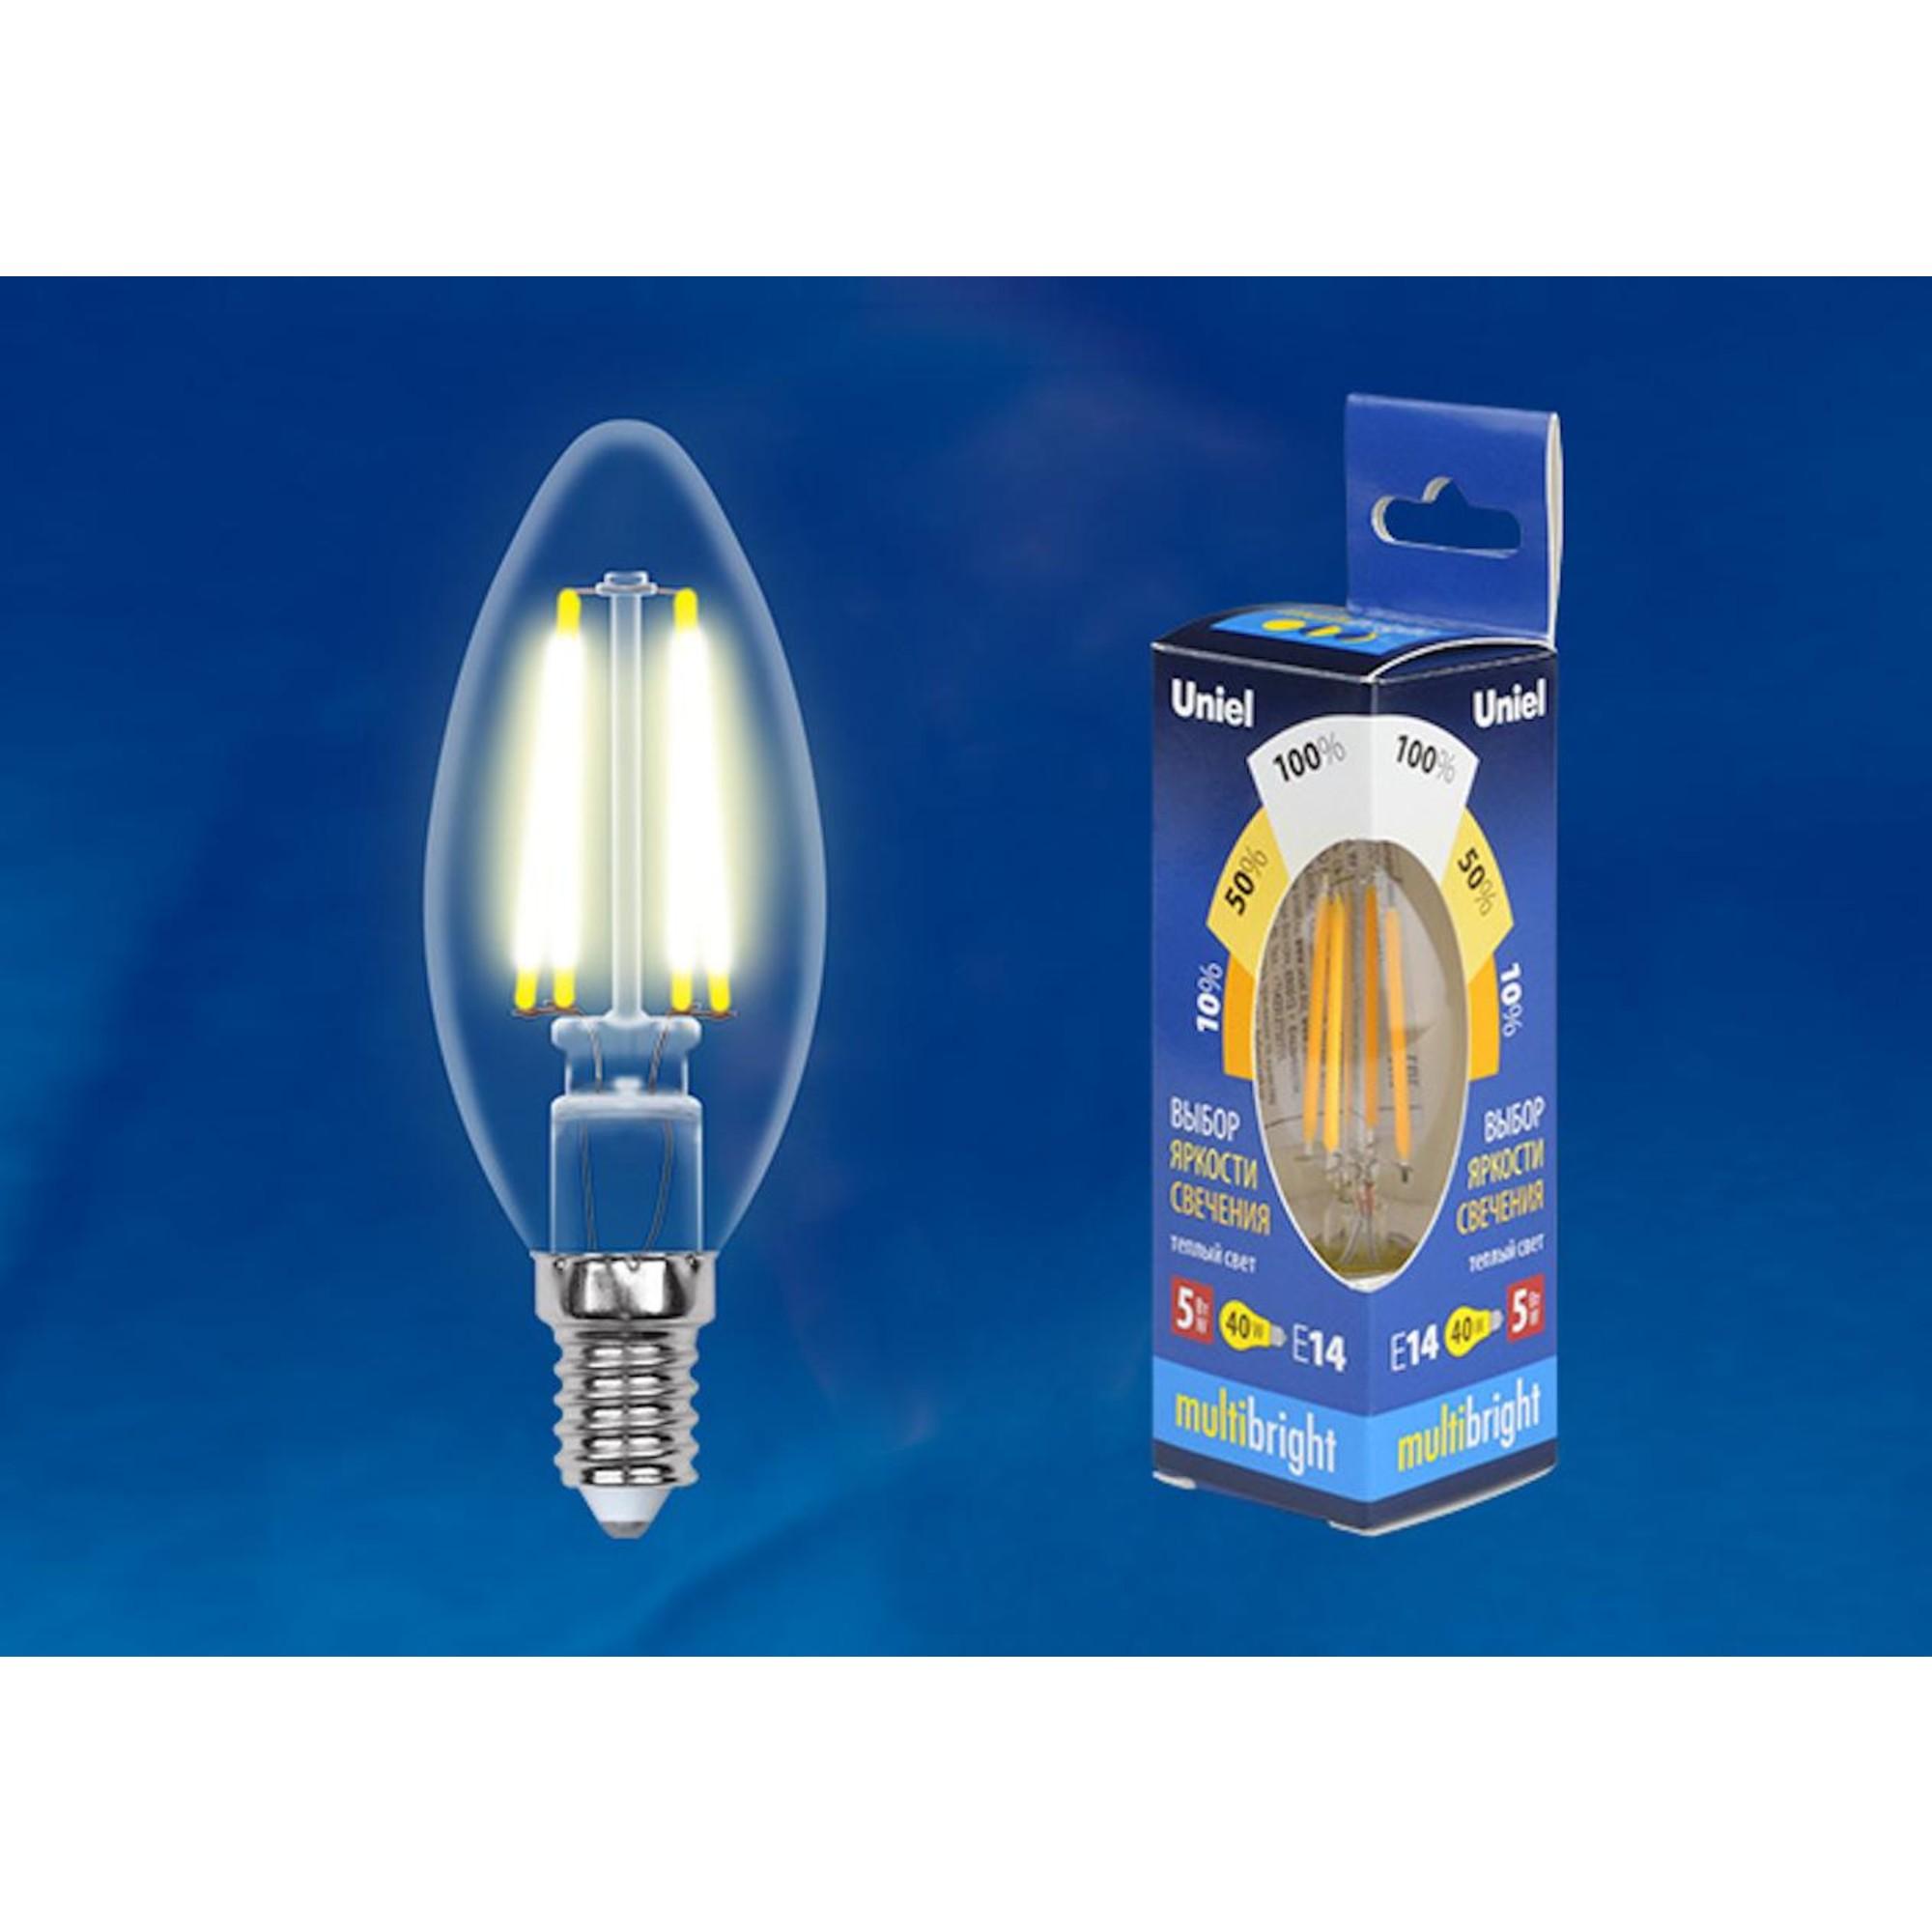 Светодиодная лампочка Uniel LED-C35-5W Multibright UL-00002367